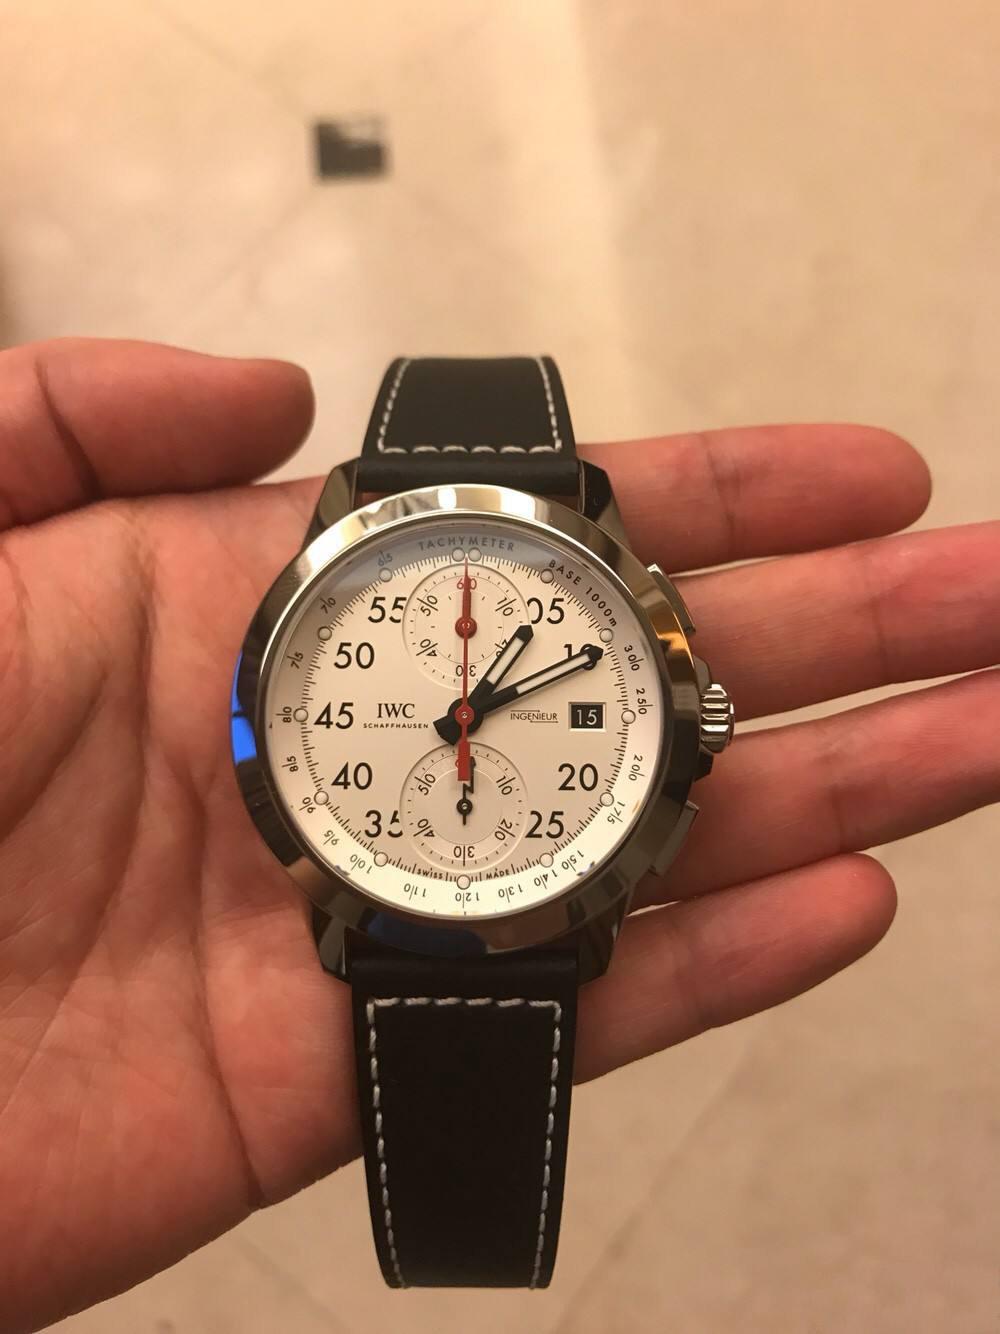 万国维修中心保养万国手表的常见方法